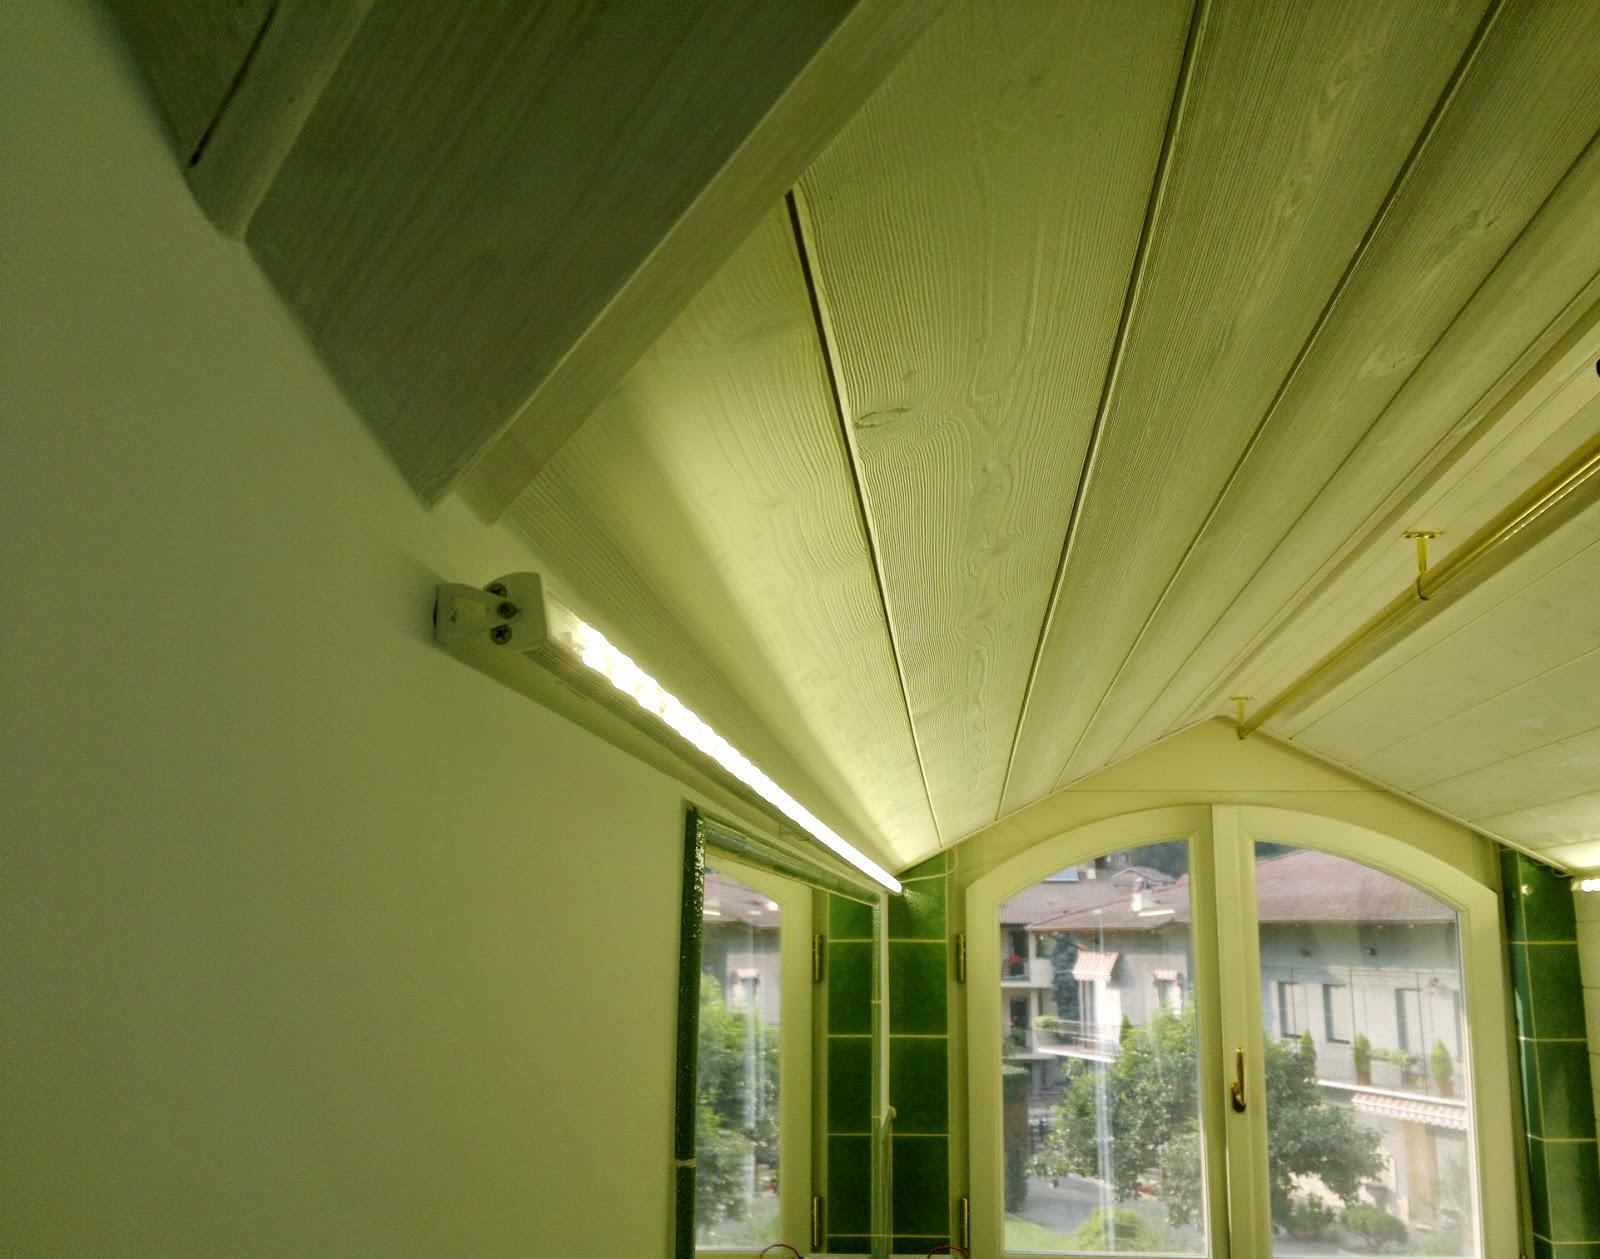 Illuminazione led casa luglio 2014 for Illuminazione sottotetto legno